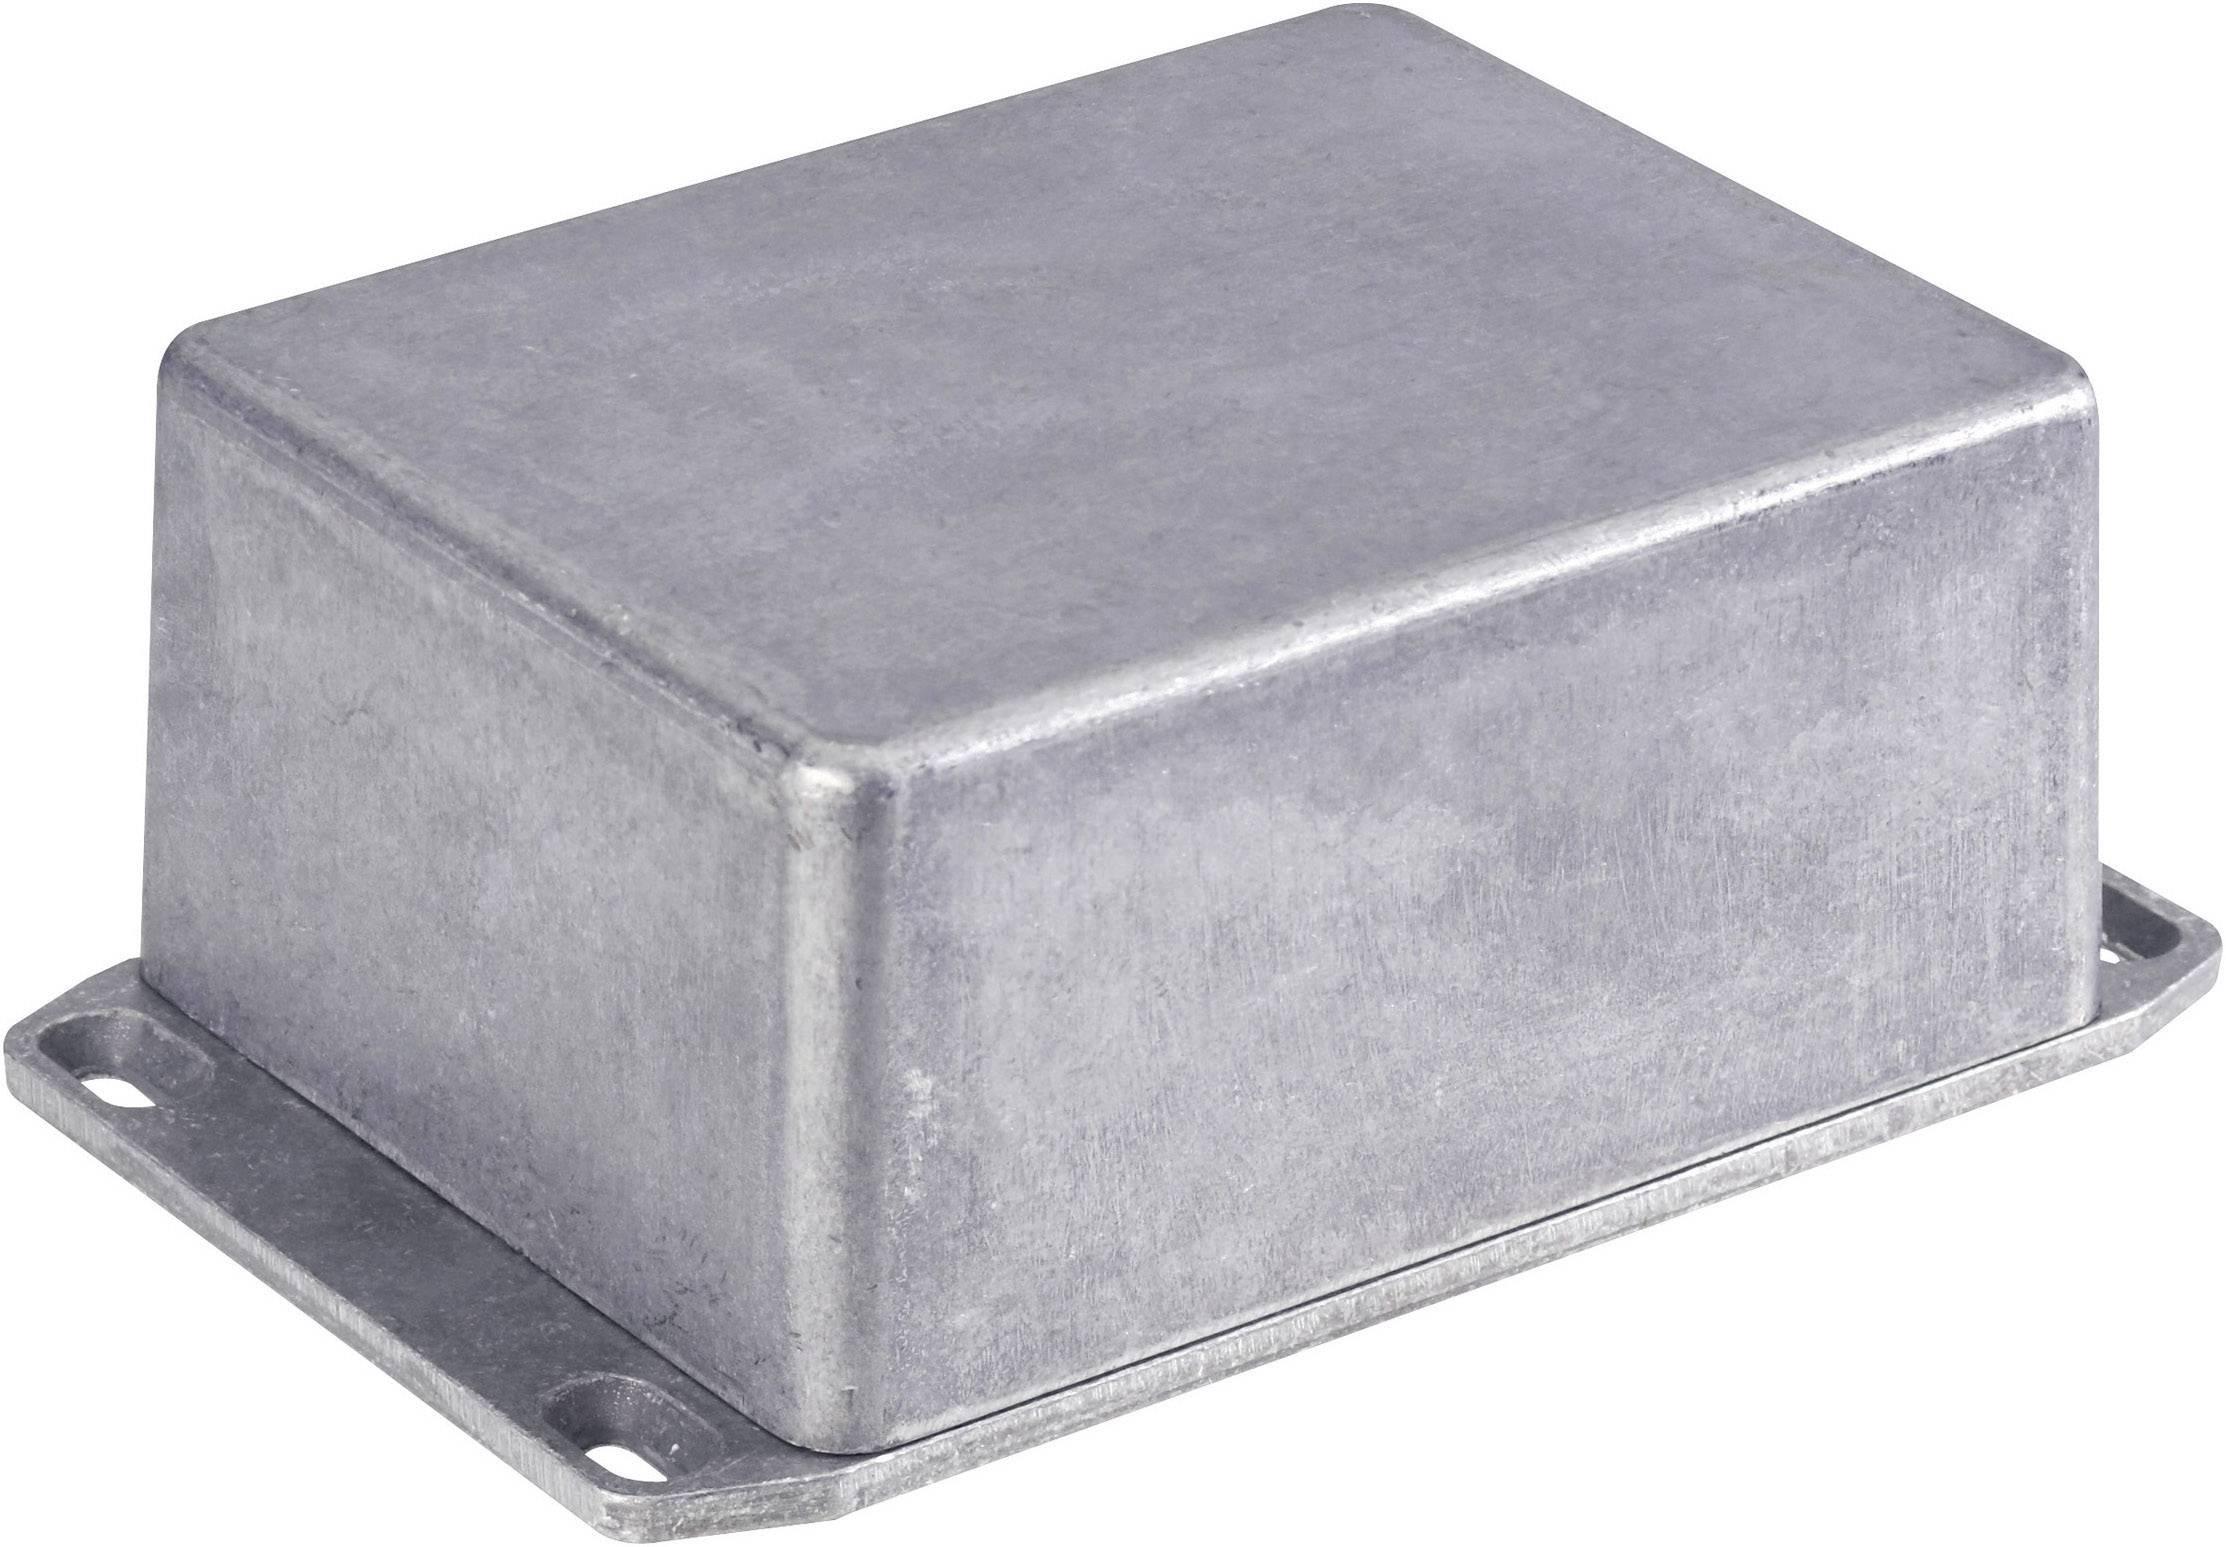 Univerzální pouzdro hliník Hammond Electronics 1590WR1FLBK 192 x 111 x 61 1 ks